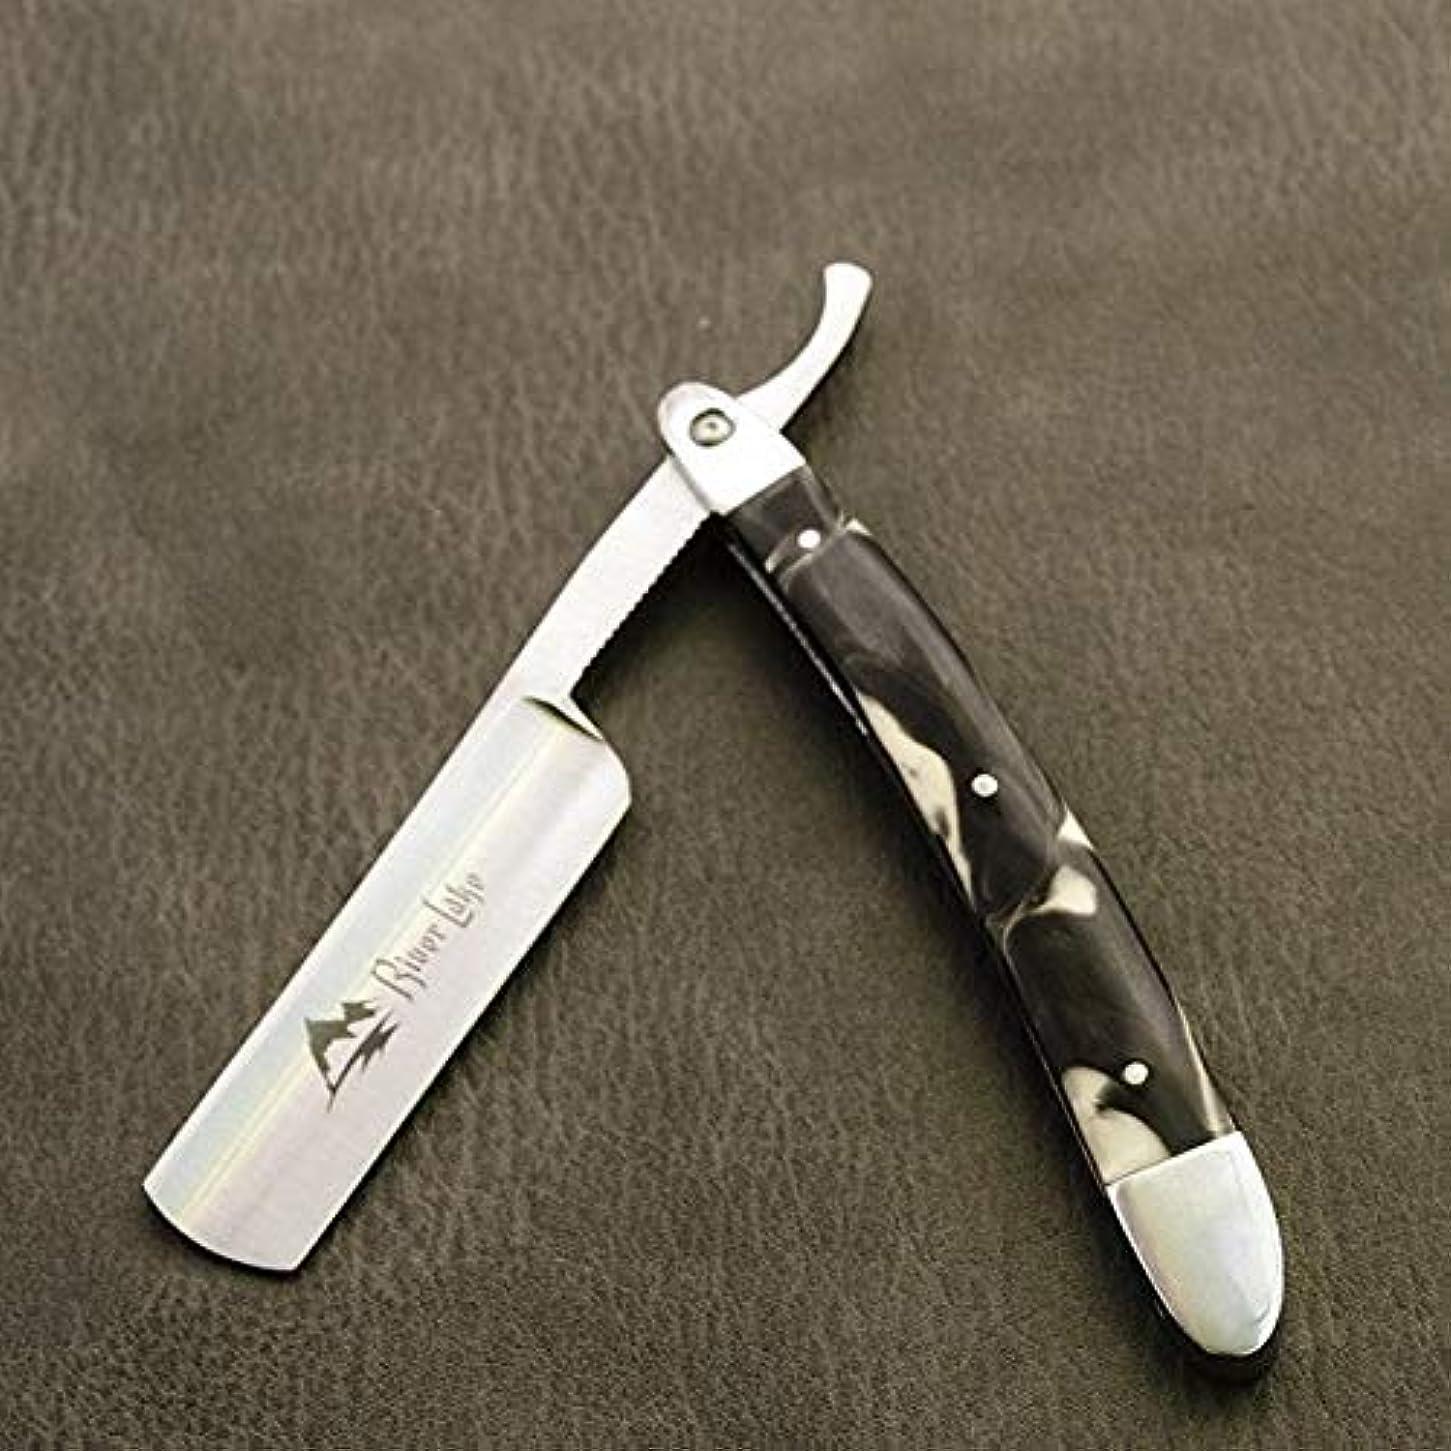 淡いパス政治家のKlaxiaz - 高品質男性ヴィンテージストレートエッジステンレス鋼髪シェイパー理容カミソリ折りたたみマニュアルシェービングナイフ